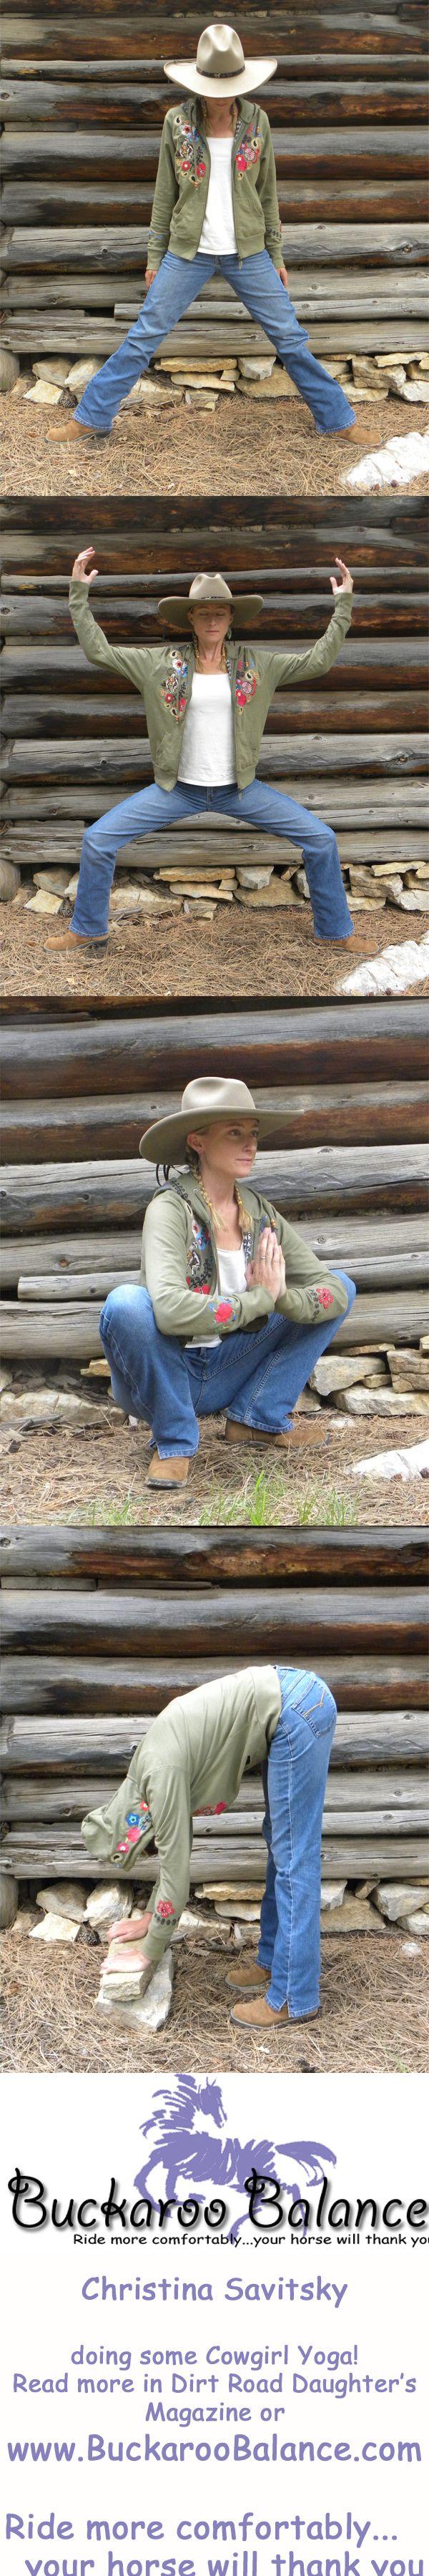 Buckaroo Balance Cowgirl Yoga Retreat